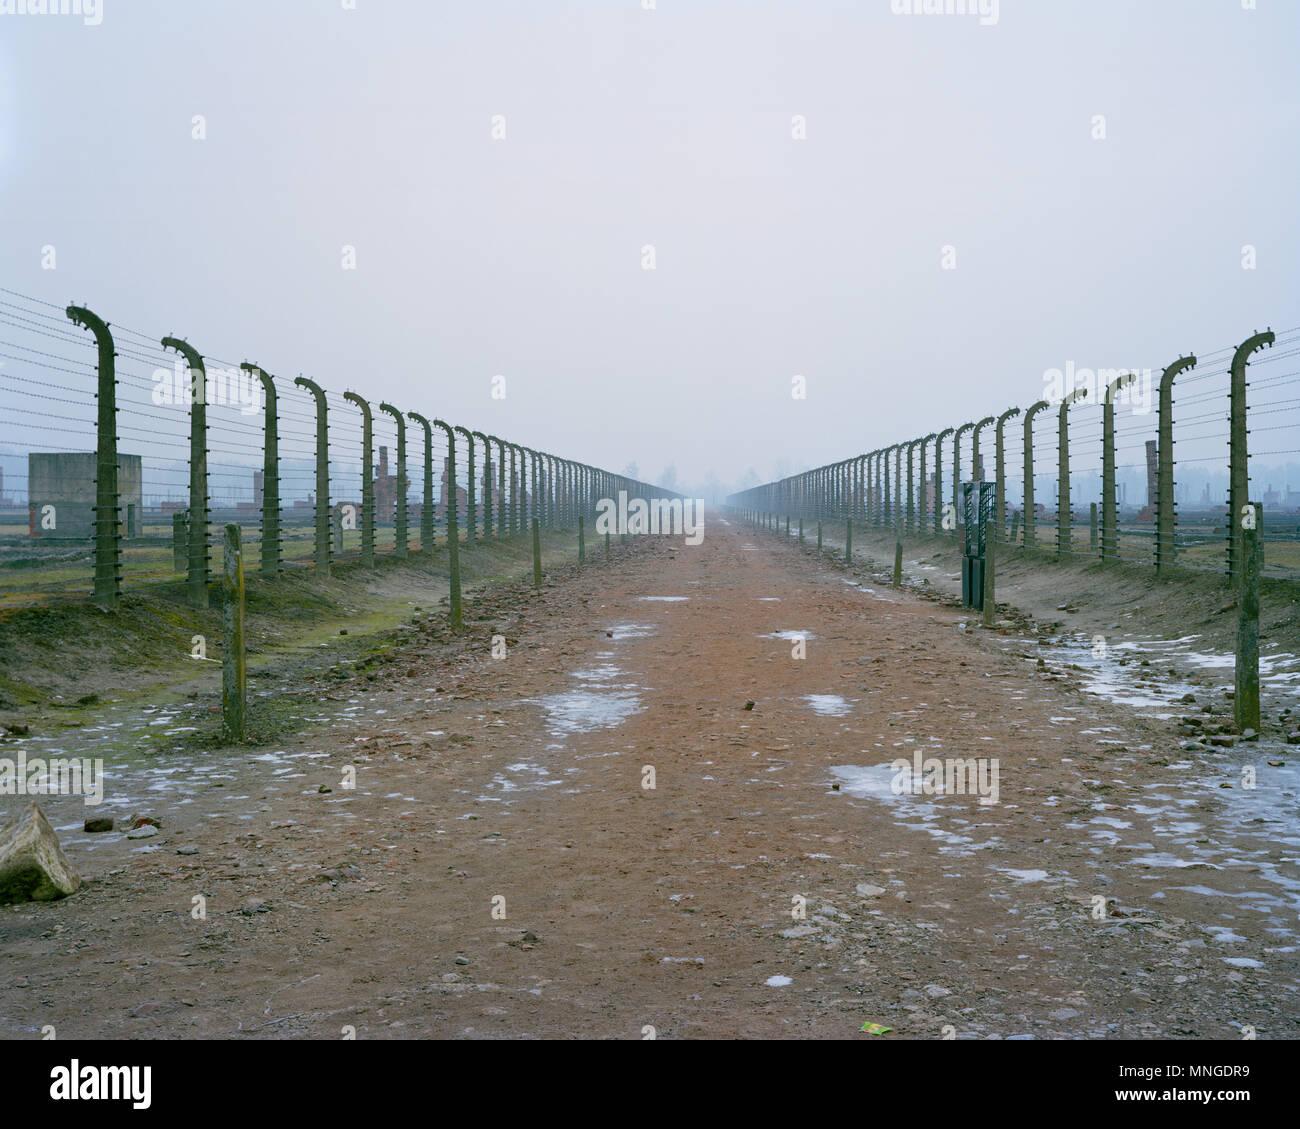 Foto © Johannes Angerson befreit am 27. Januar 1945. Auschwitz II Birkenau Konzentrationslager in der Stadt South West Polen. Stockbild